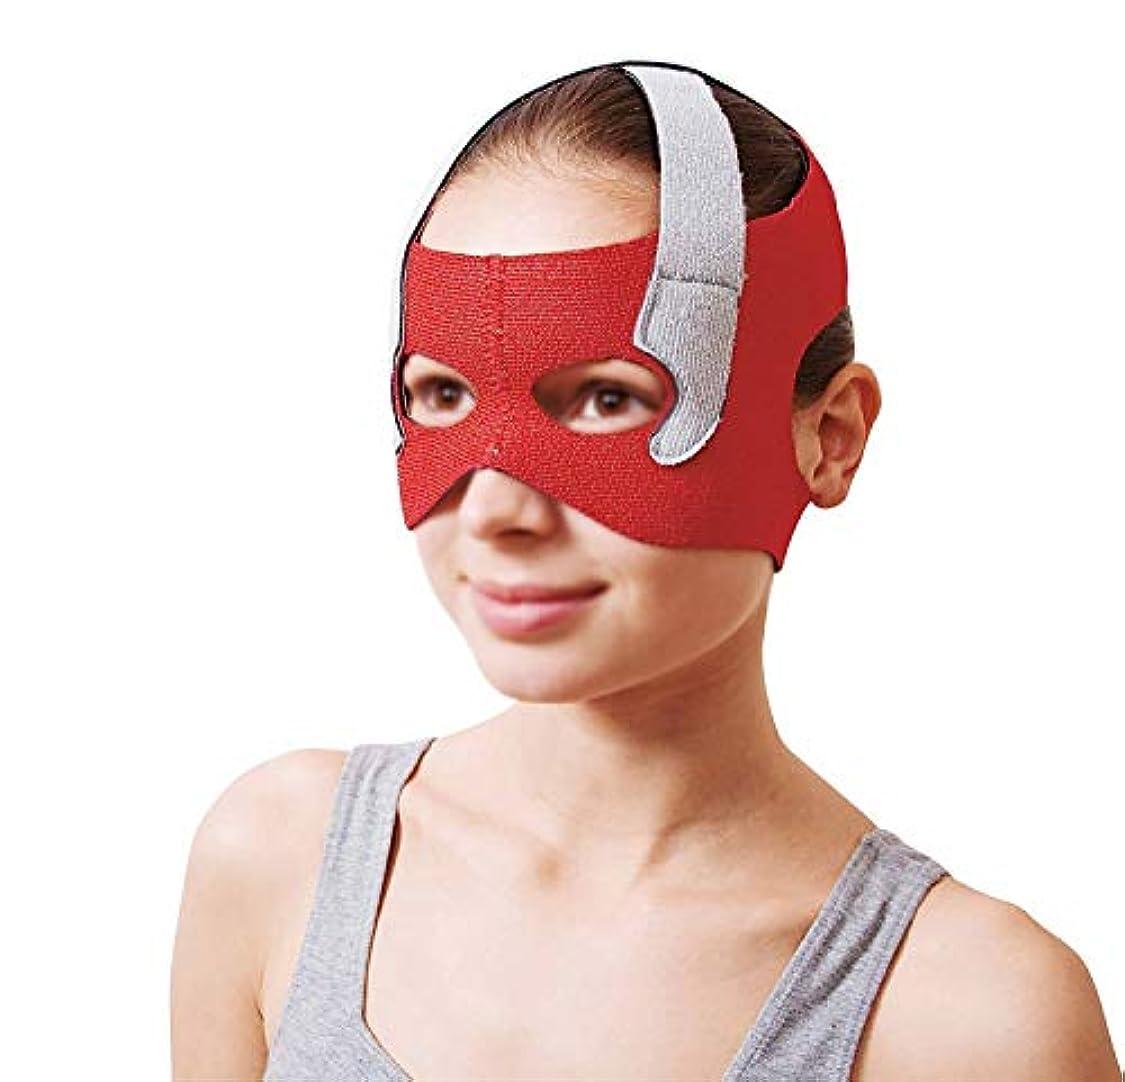 保護する飼料ドナーフェイスリフトマスク、回復ポスト包帯ヘッドギアフェイスマスクフェイス薄いフェイスマスクアーティファクト美容ベルトフェイスとネックリフトフェイス円周57-68センチ